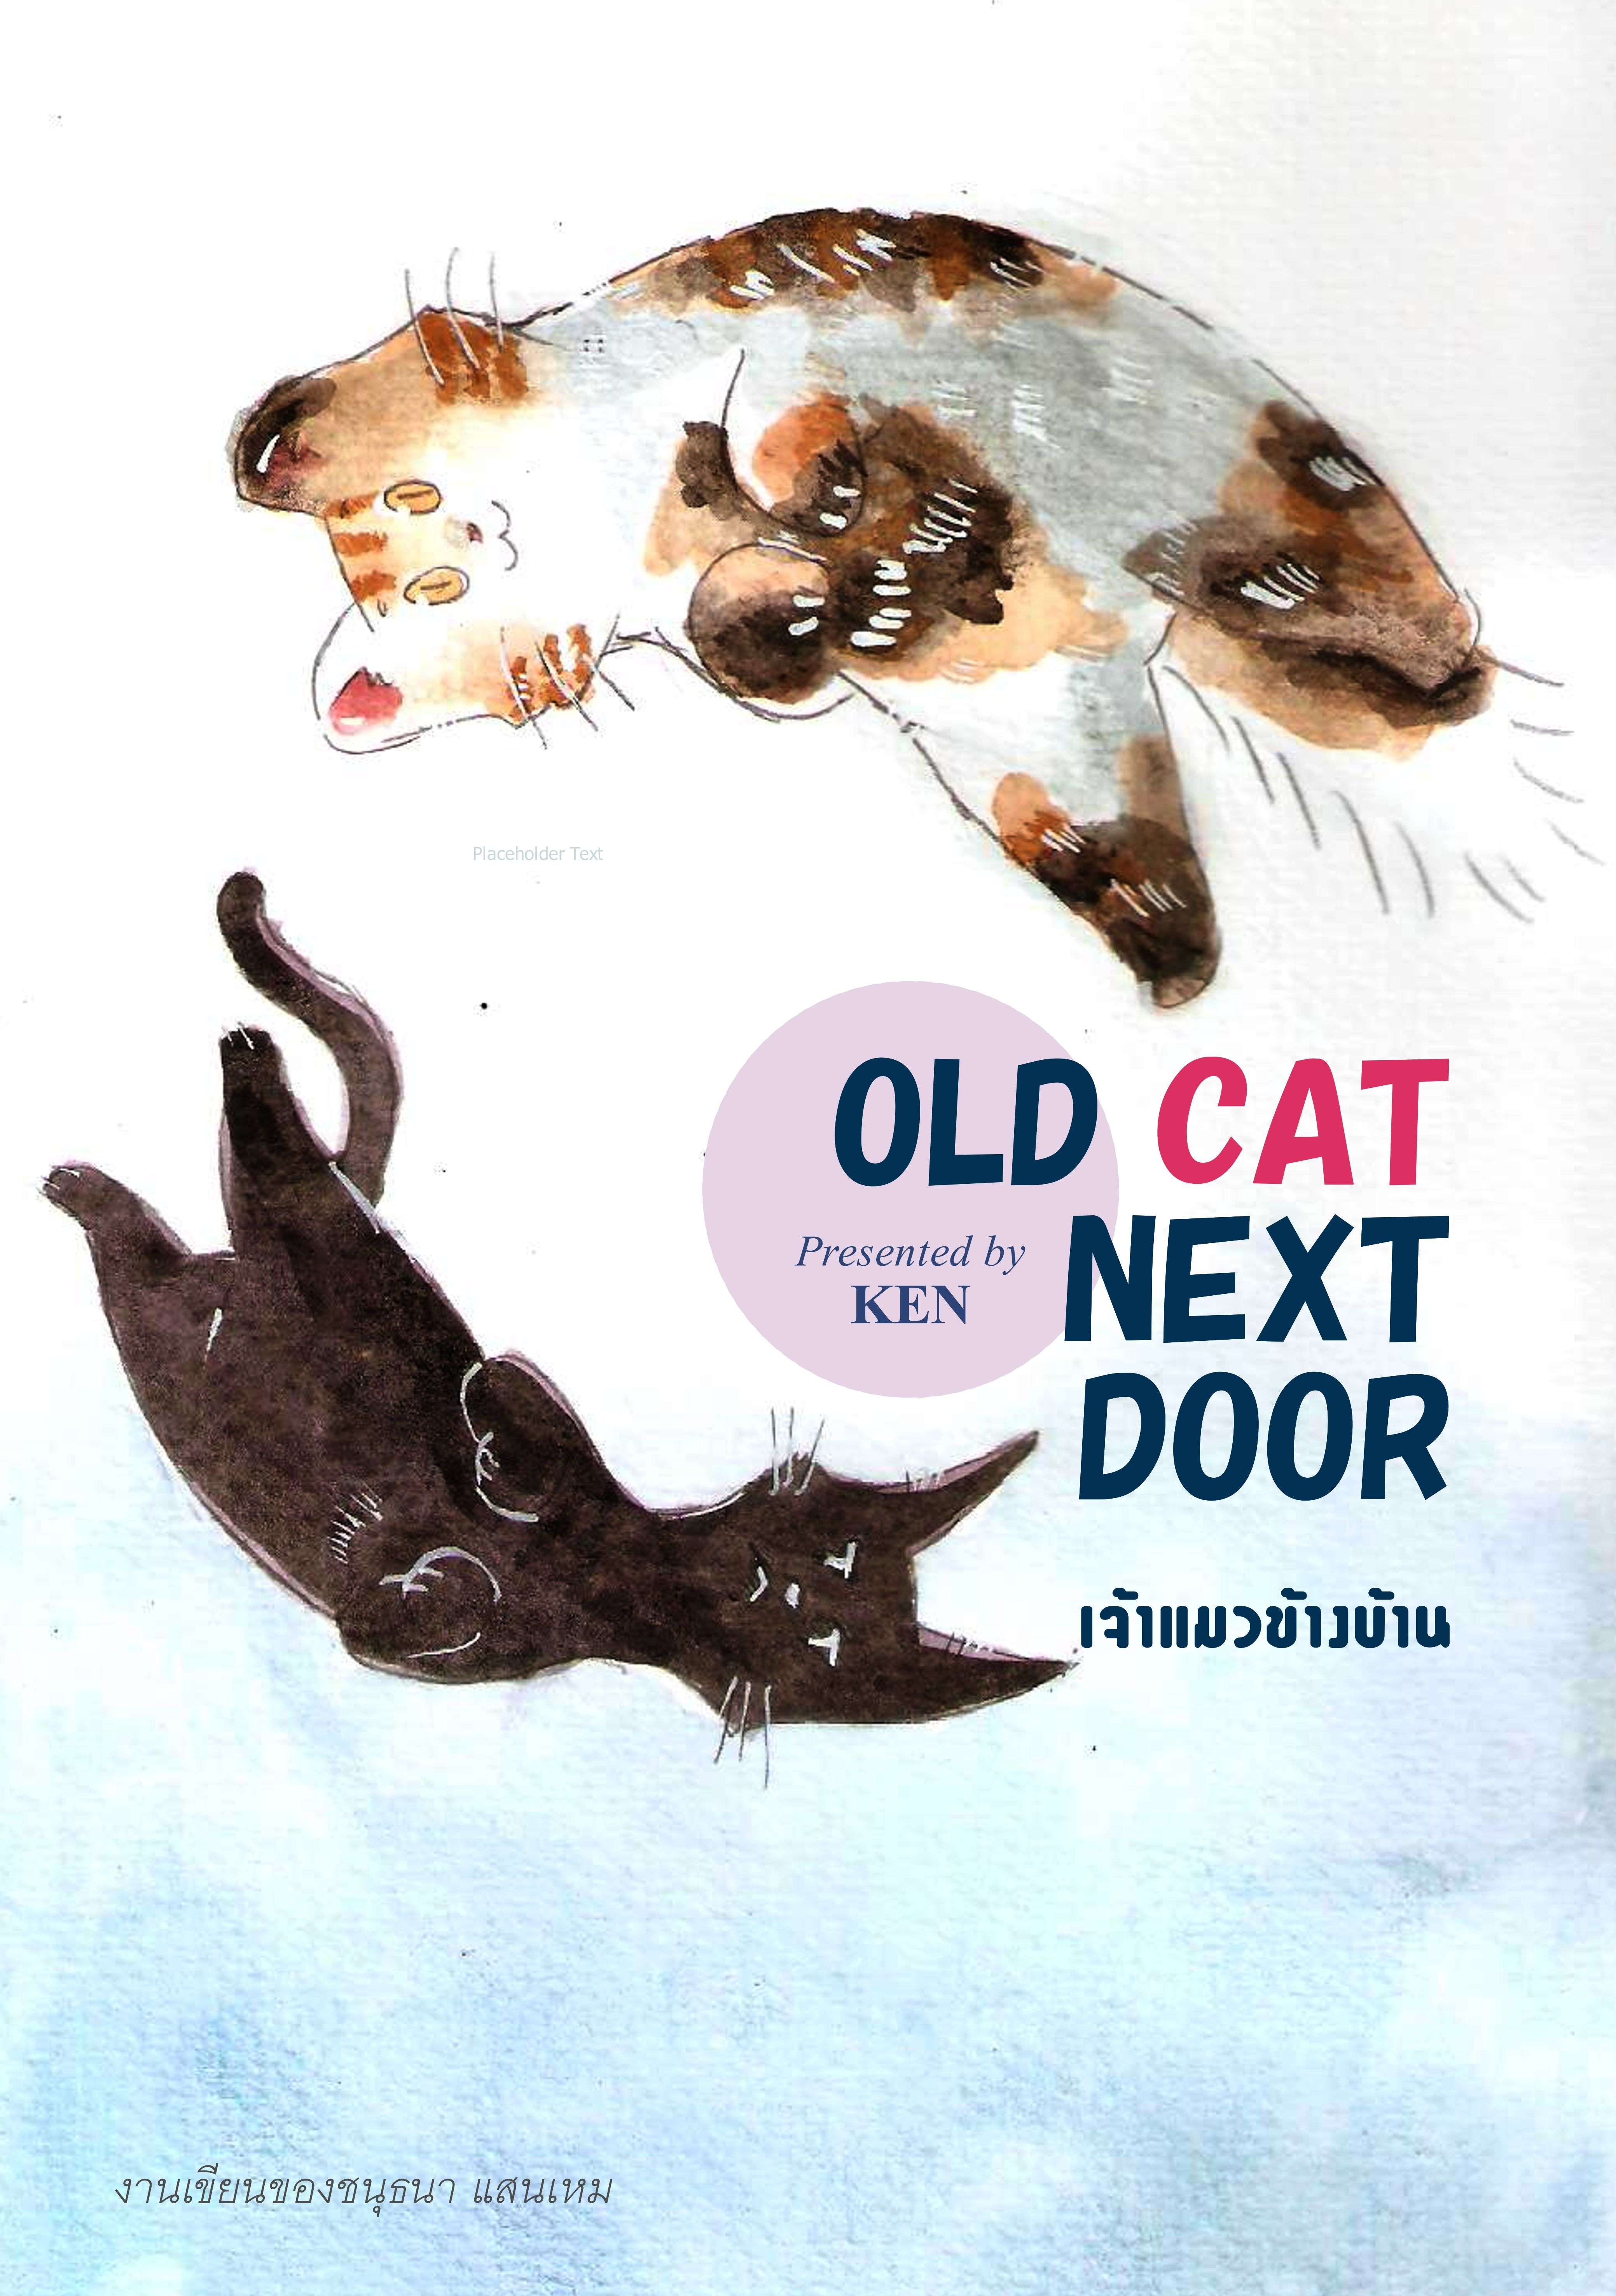 OLD CAT NEXT DOOR เจ้าแมวข้างบ้าน